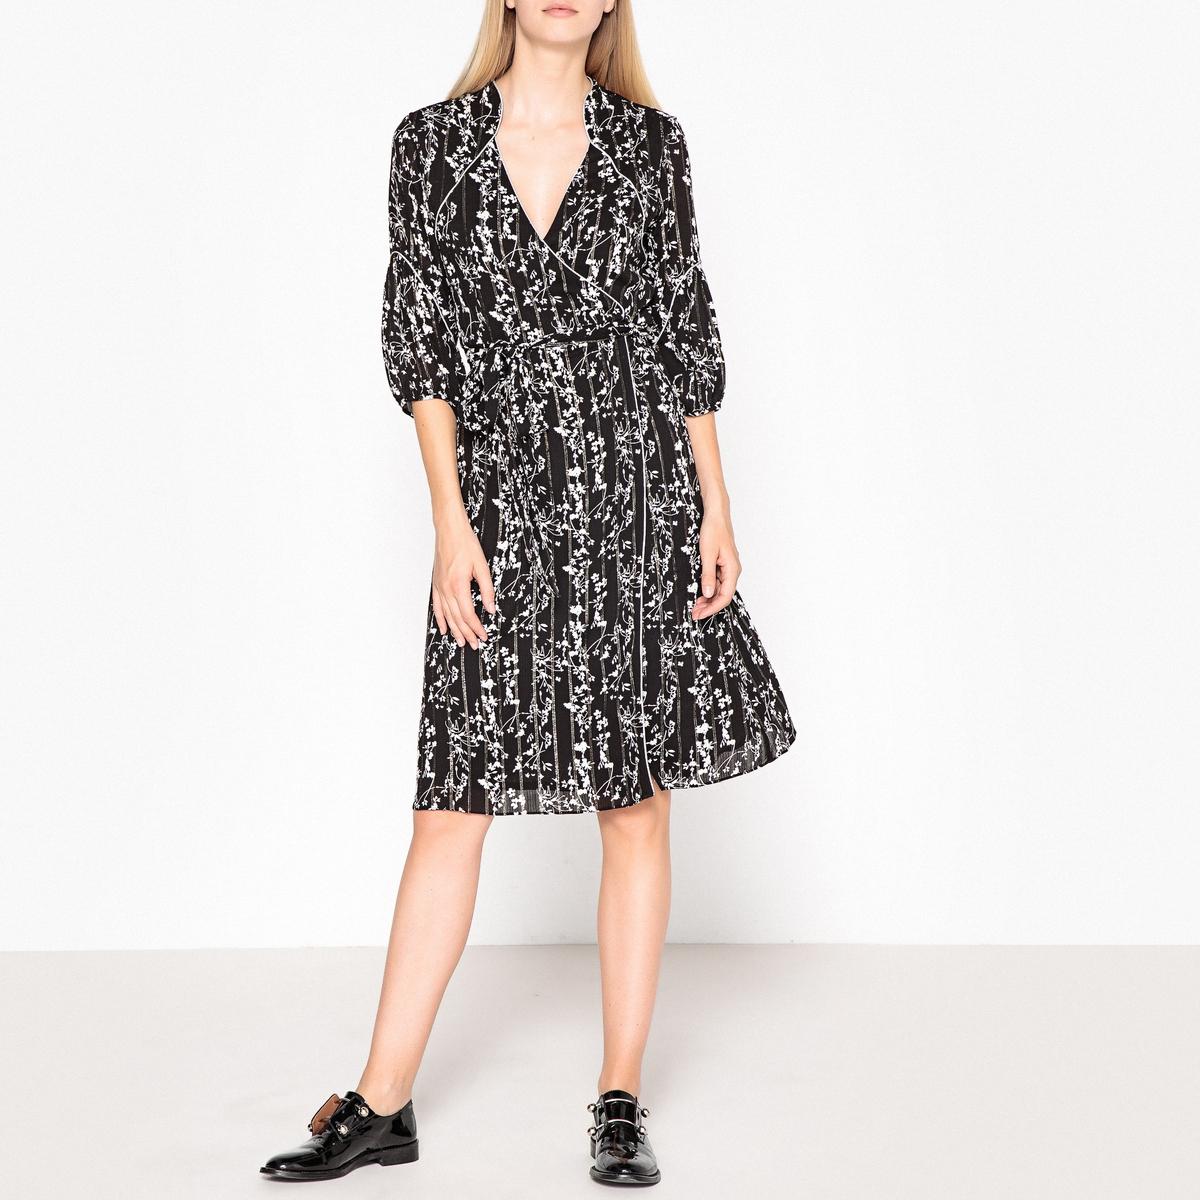 Платье в форме каш-кер с рисунком FOLIA платье футляр с цветочным рисунком